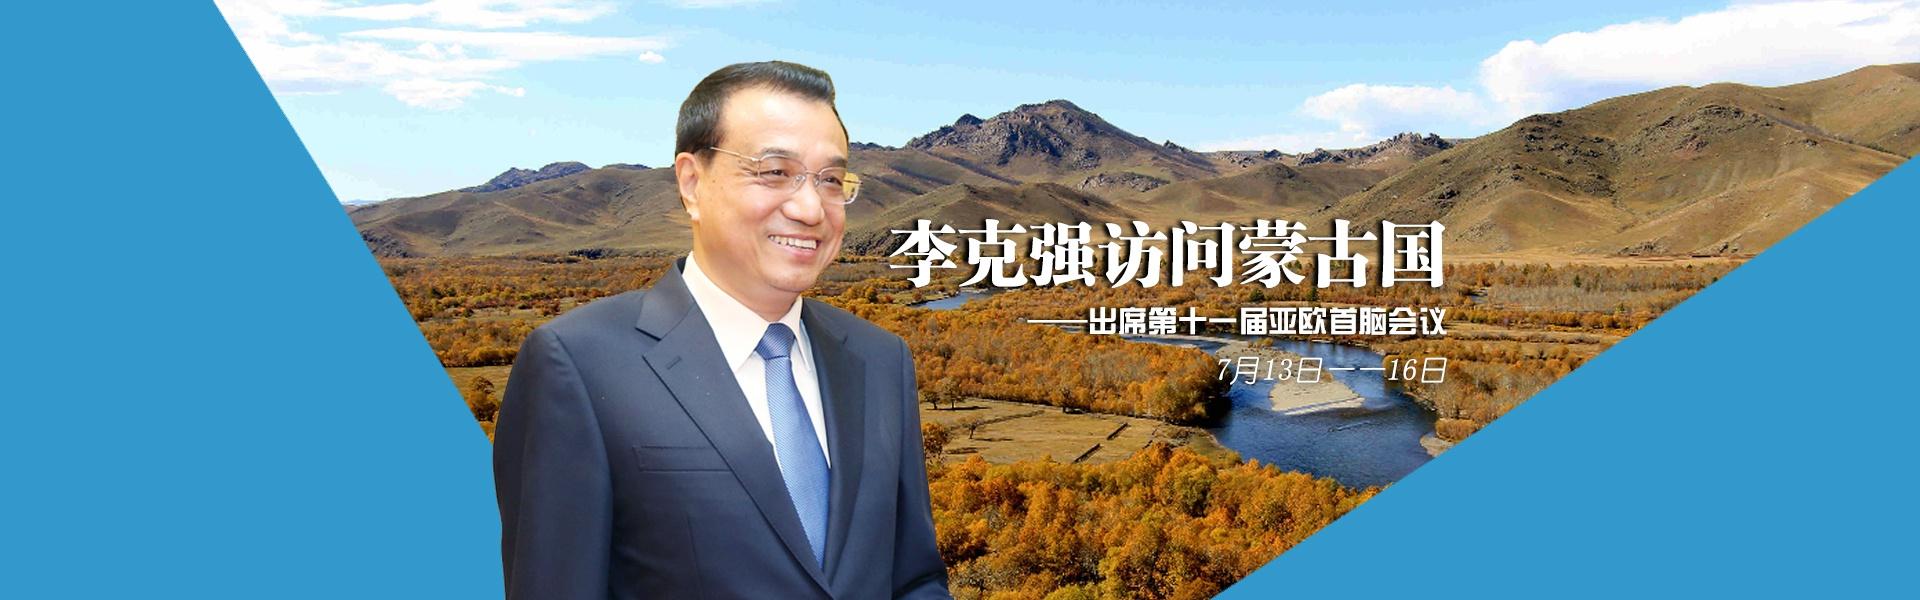 李克强访问蒙古国并出席第十一届亚欧首脑会议